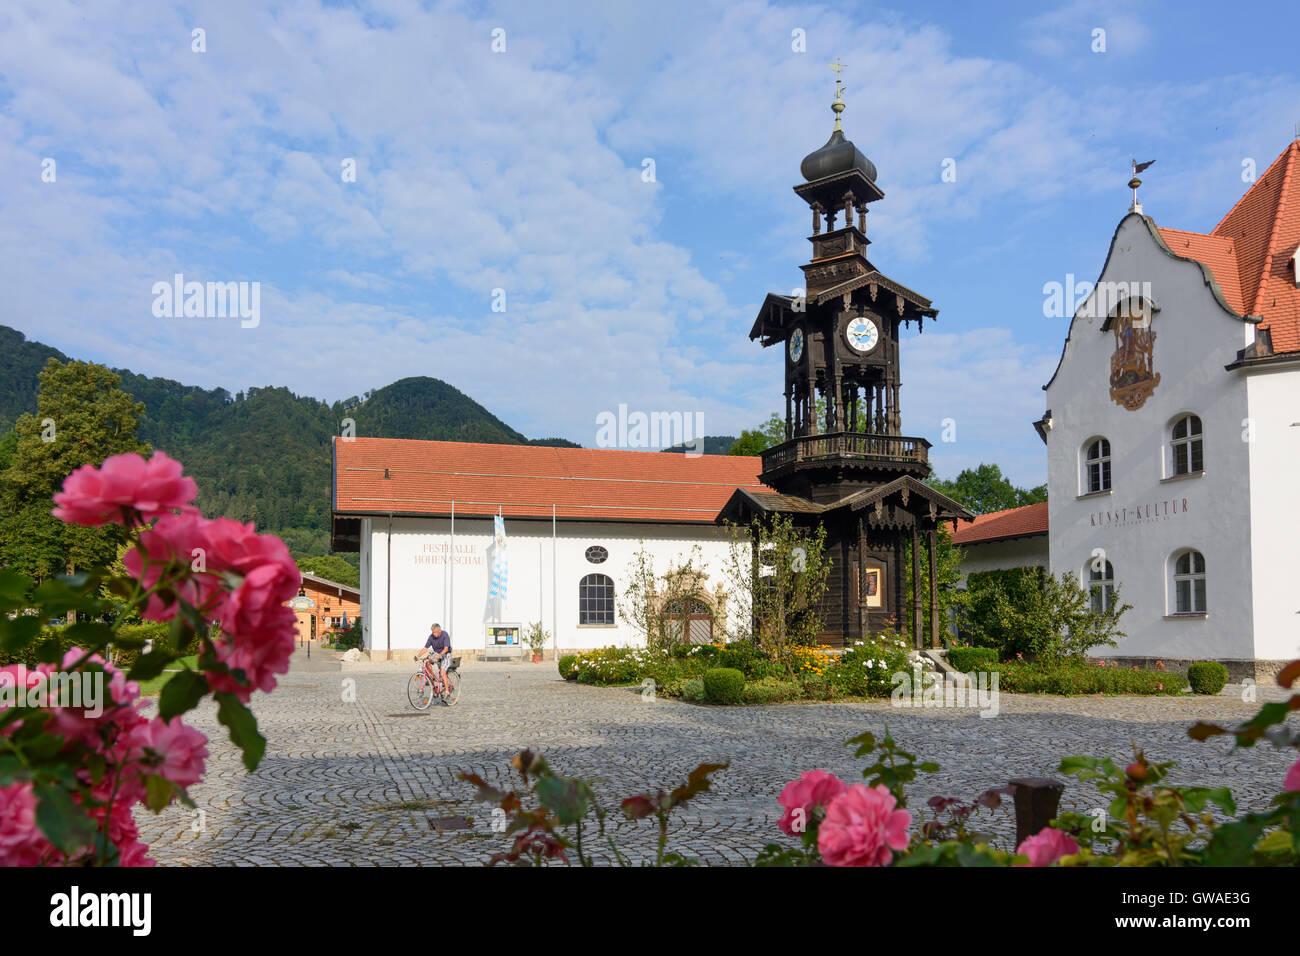 Aschau im Chiemgau: Festhalle (festival hall), Germany, Bayern, Bavaria, Oberbayern, Chiemgau, Upper Bavaria Stock Photo